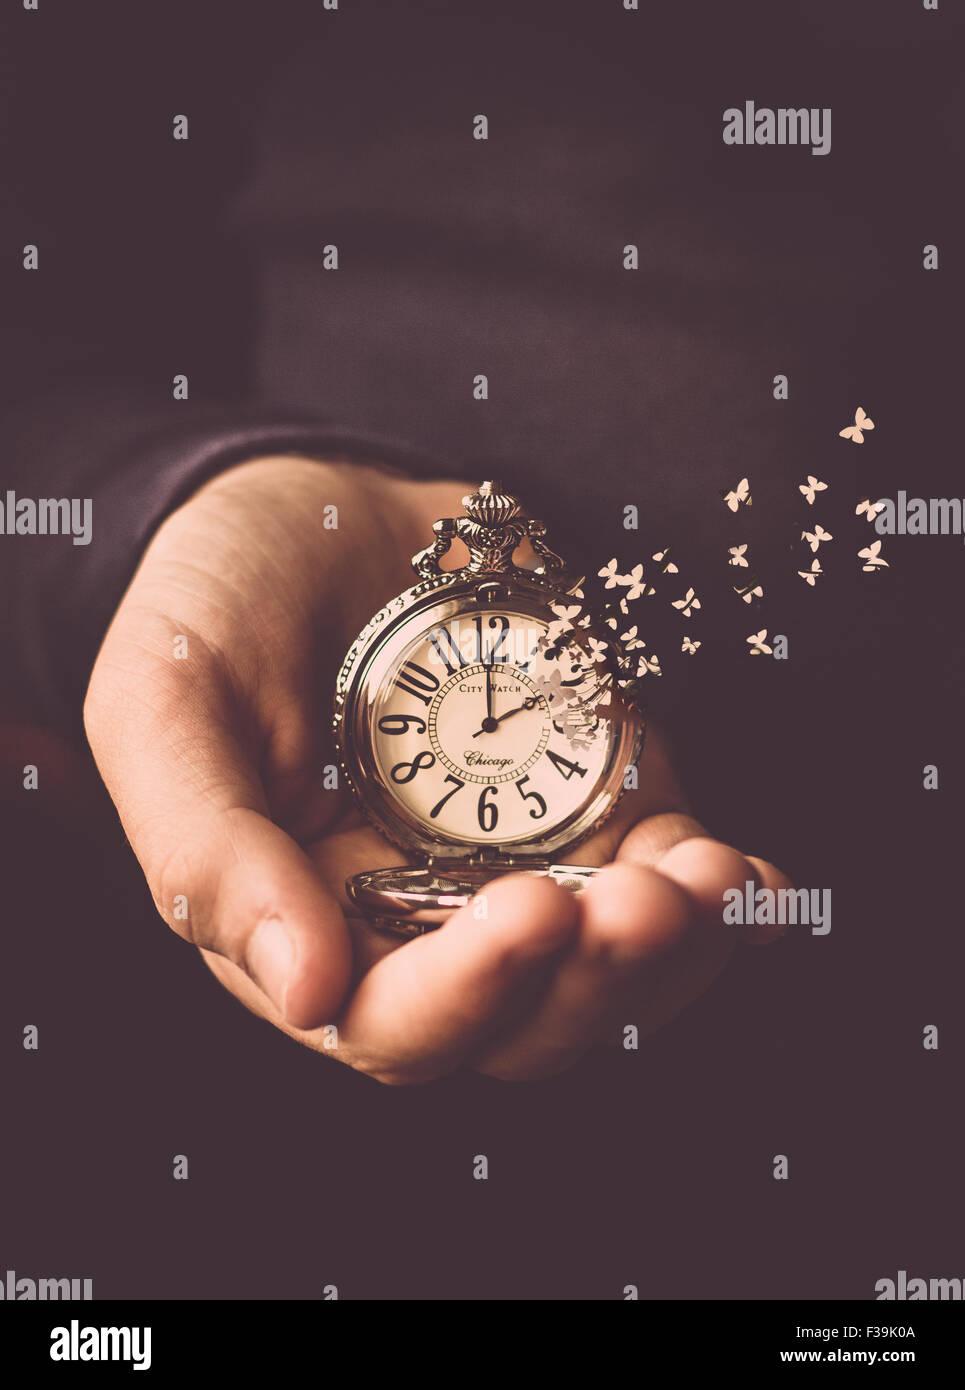 Mann, der eine Uhr mit der Zeit aus dem Zifferblatt wie Schmetterlinge fliegen in seiner Hand hält Stockfoto